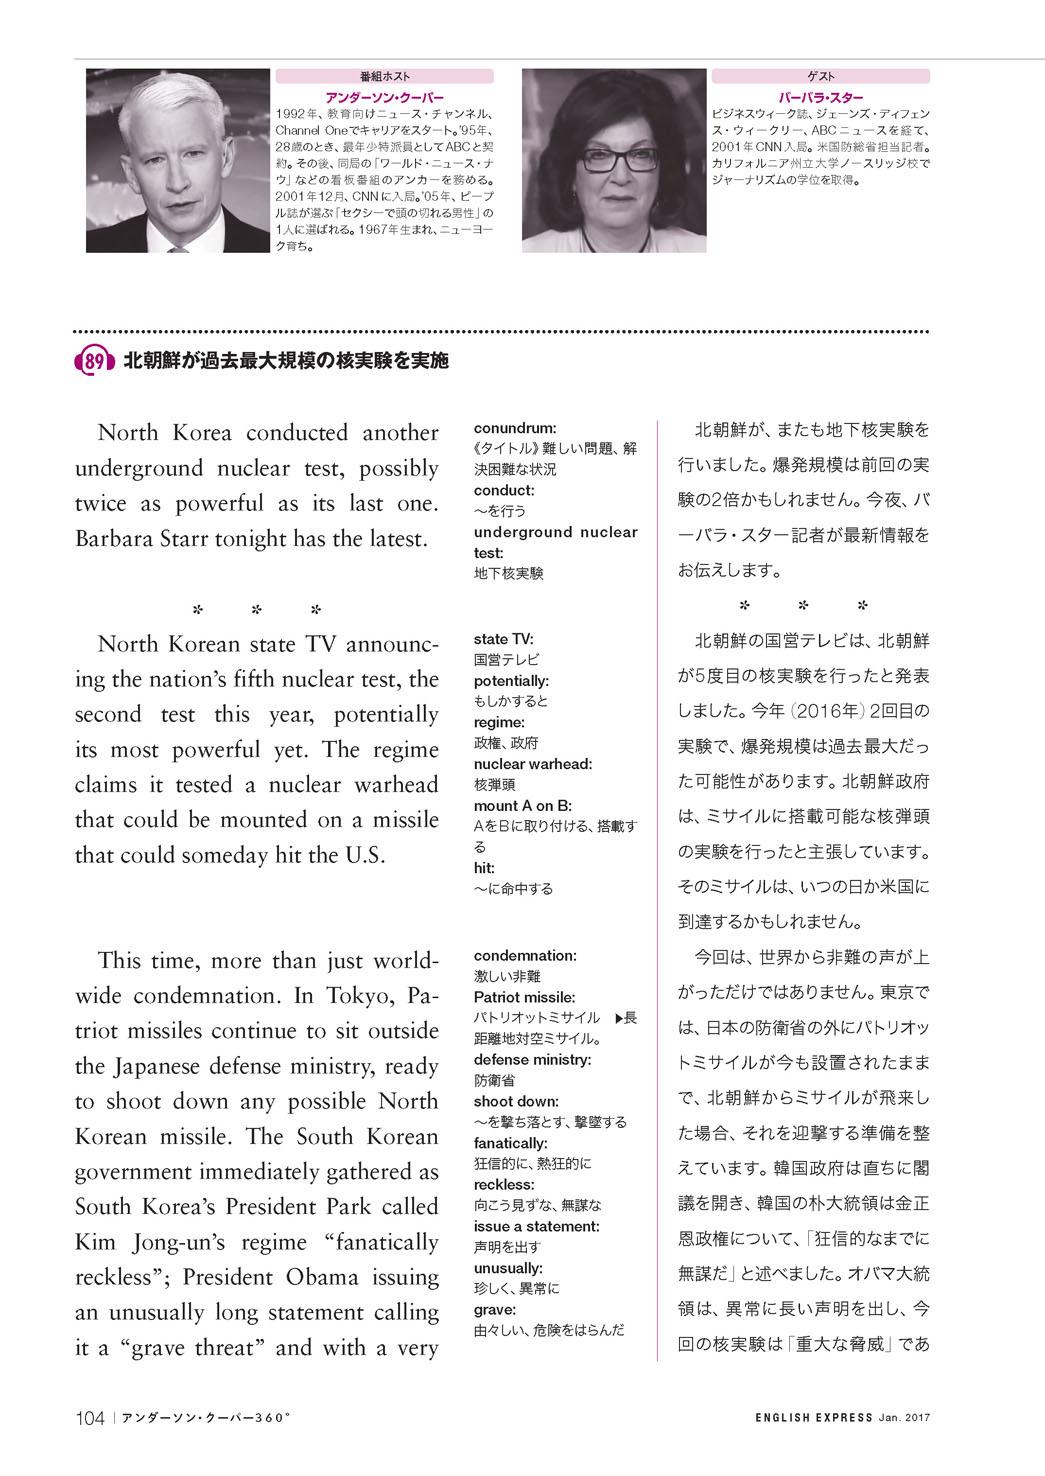 """◆アンダーソン・クーパー360°#br#北朝鮮が5度目の核実験 米国はどう対処すべきか?#br#》》音声試聴は<a href=""""mms://016.mediaimage.jp/asahipress/ee1701d.wma"""" class=""""txt1158b0"""">こちら</a>をクリック!"""